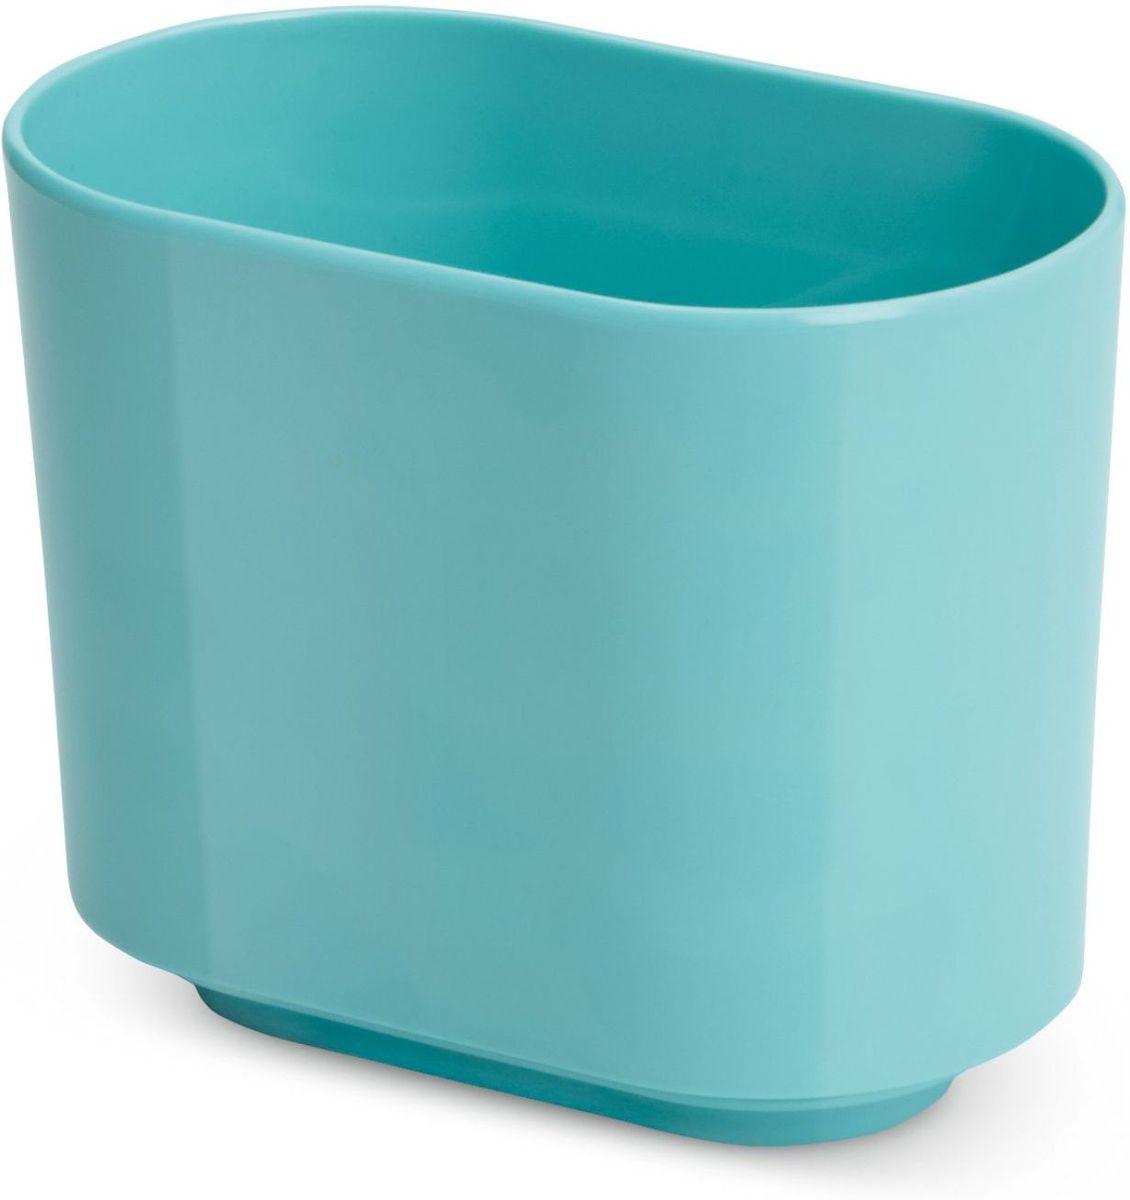 Стакан для зубных щеток Umbra Step, цвет: морская волна, 12,7 х 10,2 х 7 смRG-D31SФункциональность подставки для зубных щеток неоспорима - где же еще их хранить. А вот как насчет дизайна? В Umbra уверены: такой простой и ежедневно используемый предмет должен выглядеть лаконично, но необычно. Ведь в небольшой ванной комнате не должно быть ничего вызывающе яркого. Немного экспериментировав с формой, дизайнеры создали подставку Step, которая придется кстати в любом доме и вместит зубные щетки всех членов семьи.